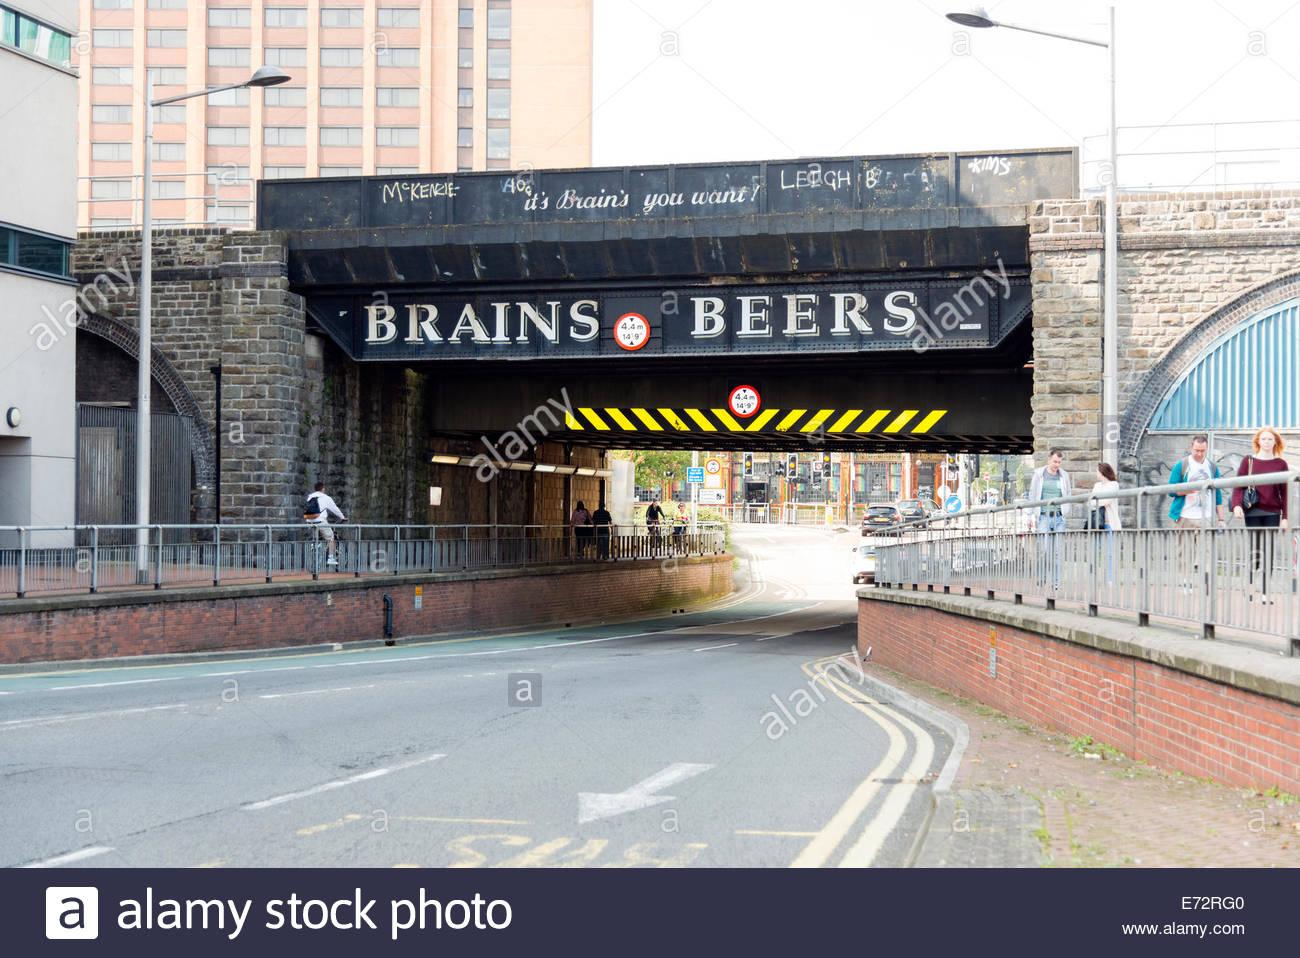 Railway bridge advertising Brains Beers in Cardiff, Wales, UK. - Stock Image